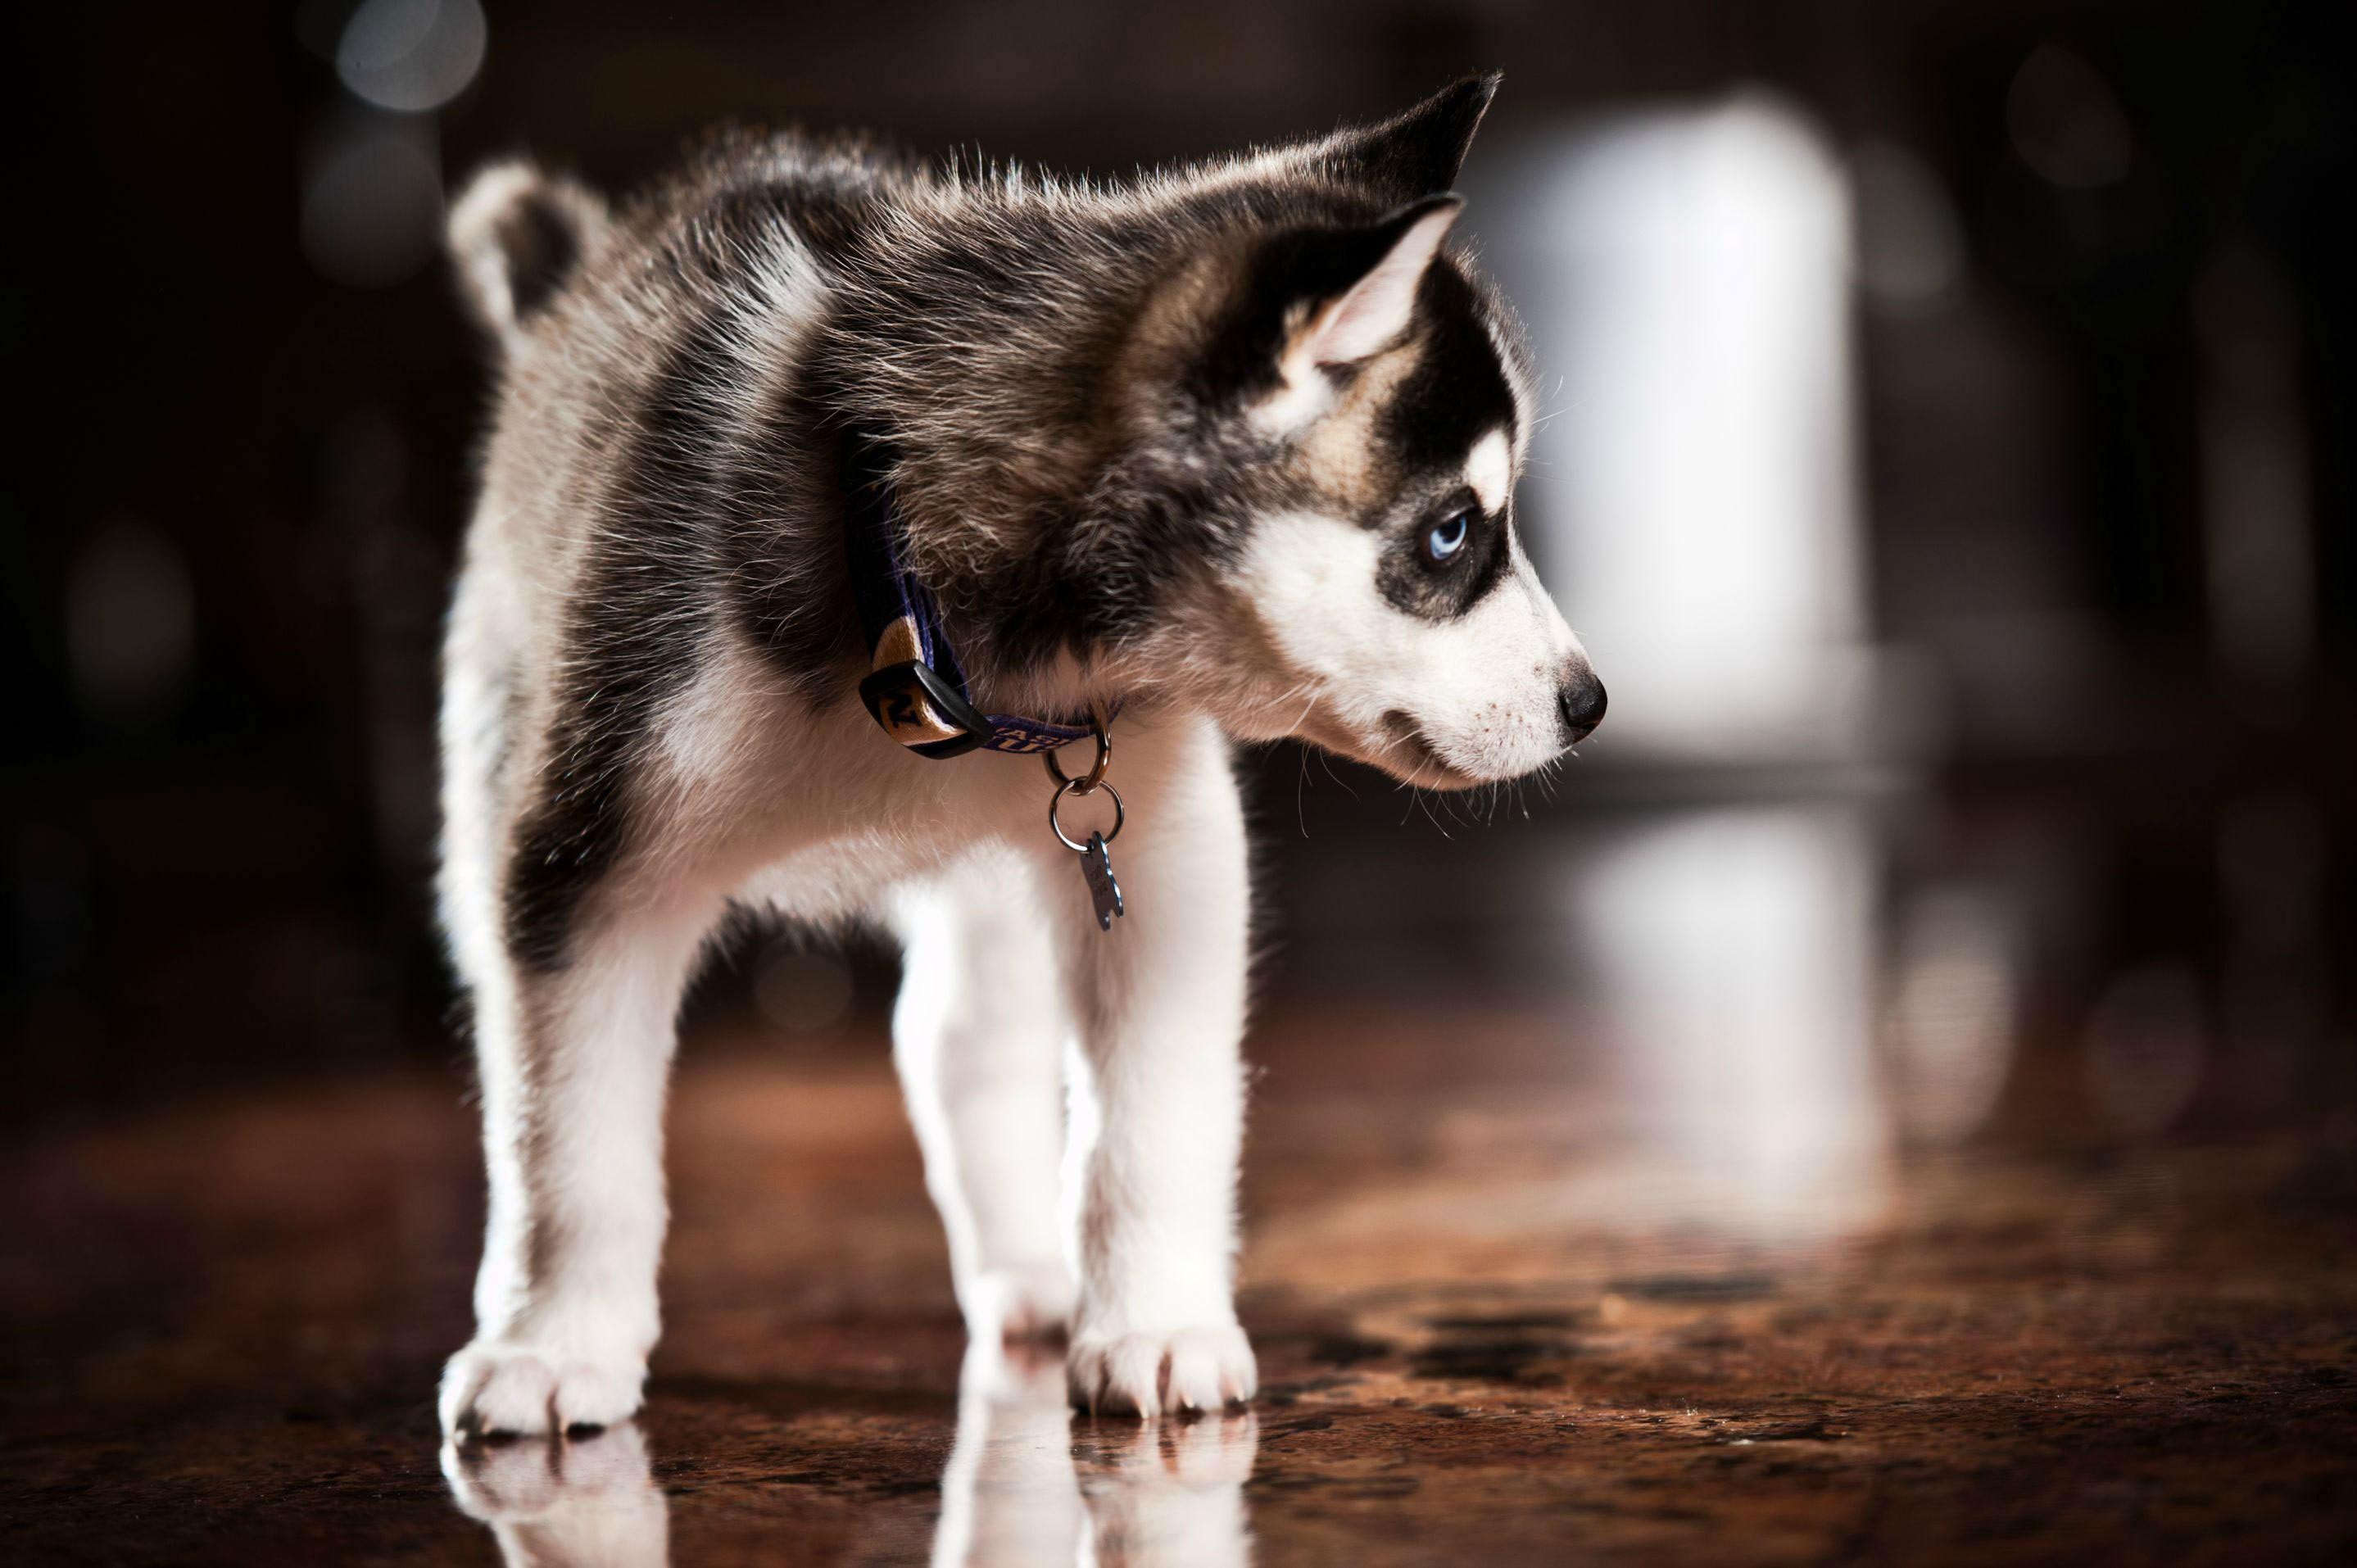 природа животное собака морда хаски  № 3886632 бесплатно